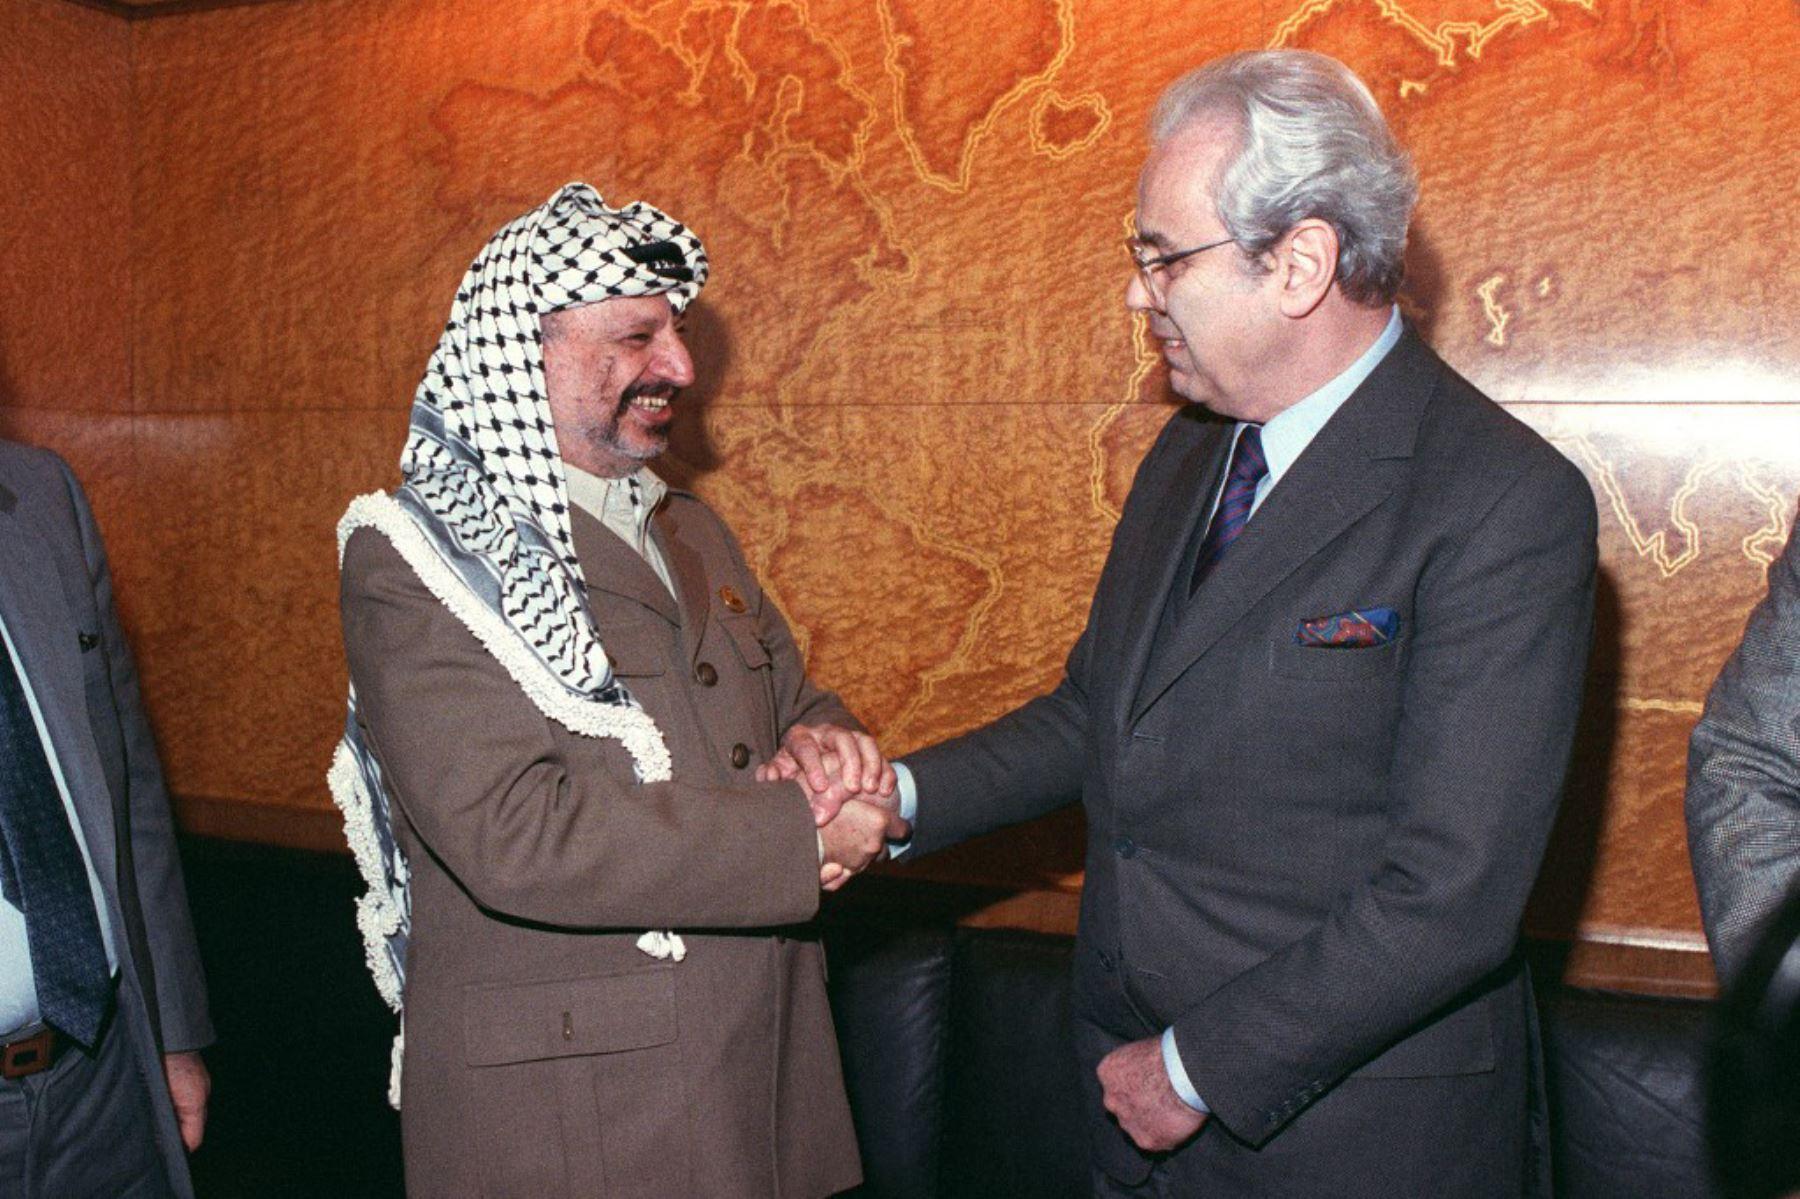 El líder de la Organización para la Liberación de Palestina (OLP), Yasser Arafat (izq.), Se reúne con el secretario general de las Naciones Unidas, Javier Pérez de Cuéllar, el 14 de diciembre de 1988, en Ginebra, en el segundo día de reunión sobre la cuestión de Palestina en la sede europea de la ONU en el Palacio de las Naciones. Foto: AFP